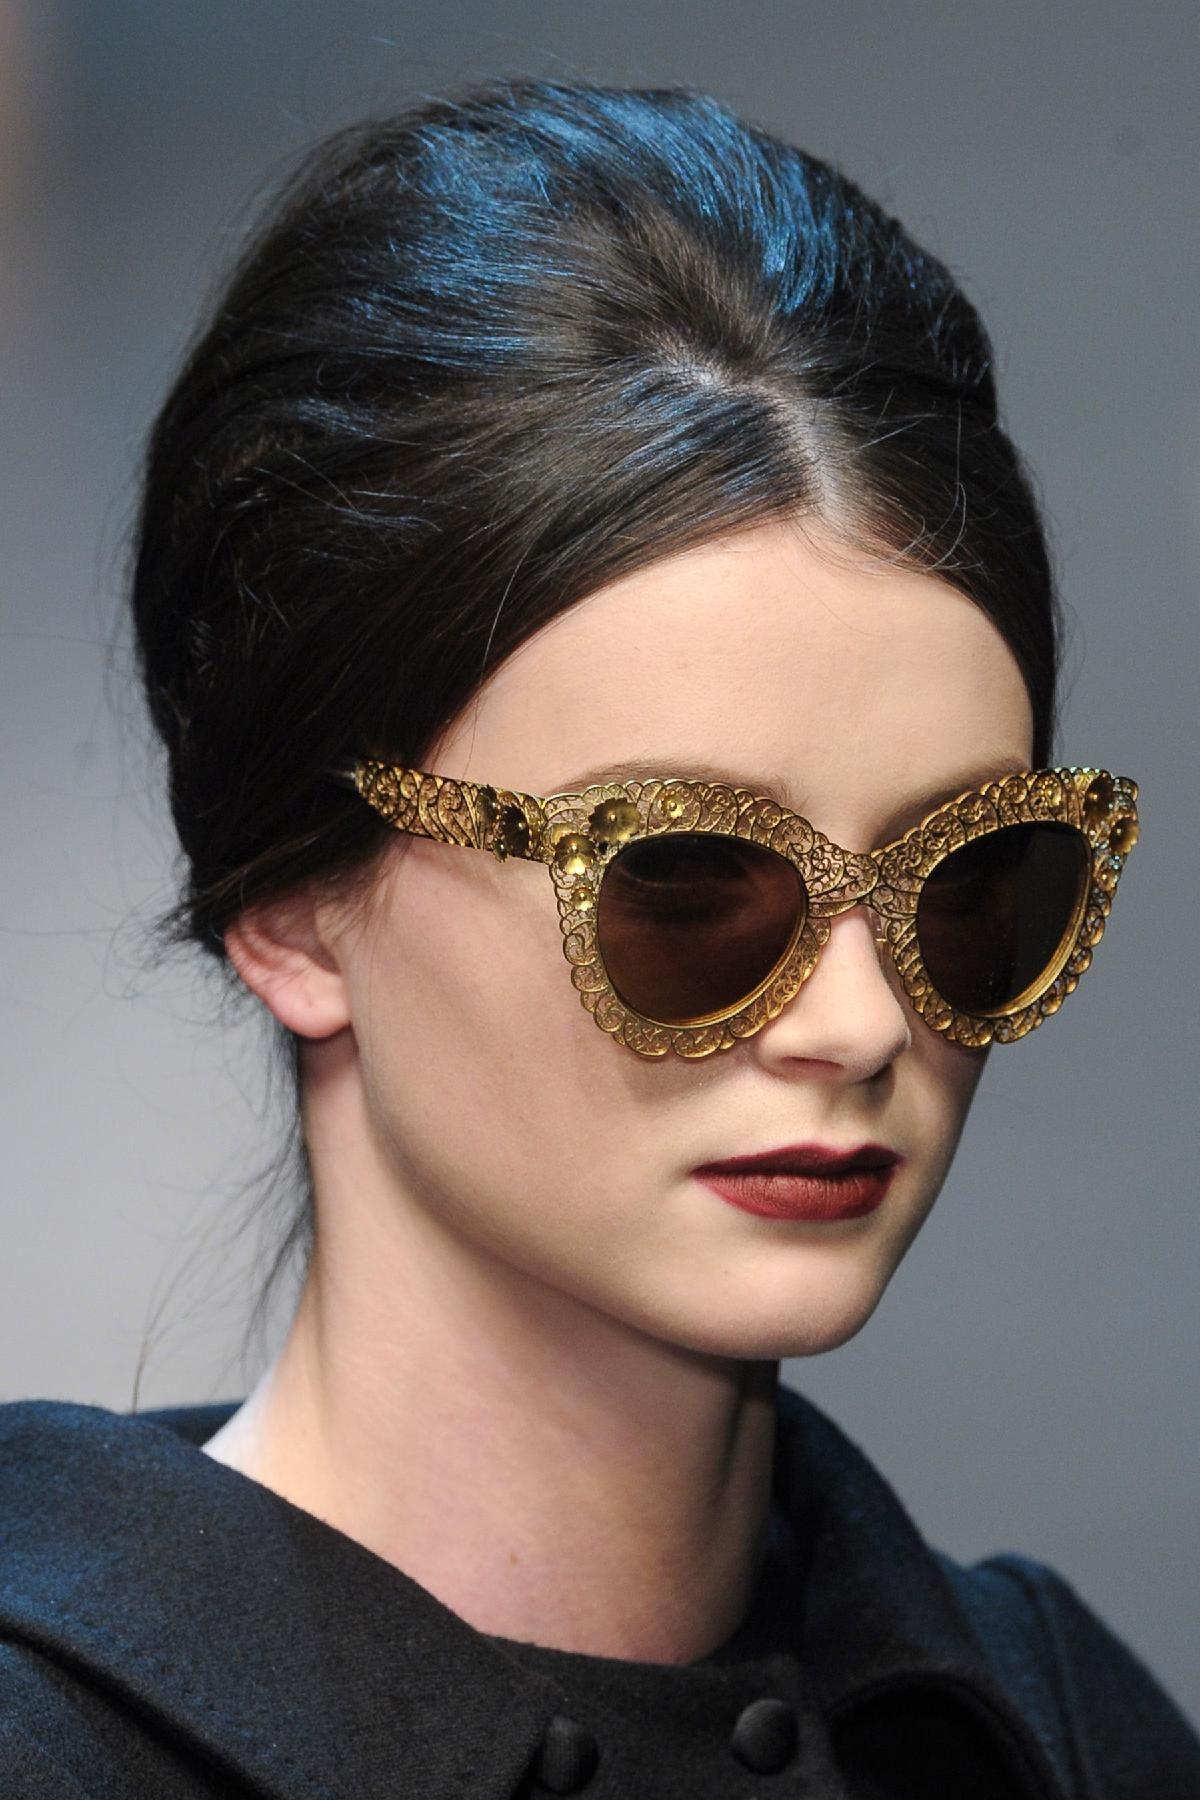 Dolce & Gabbana Fall 2013 RTW Fashion Show